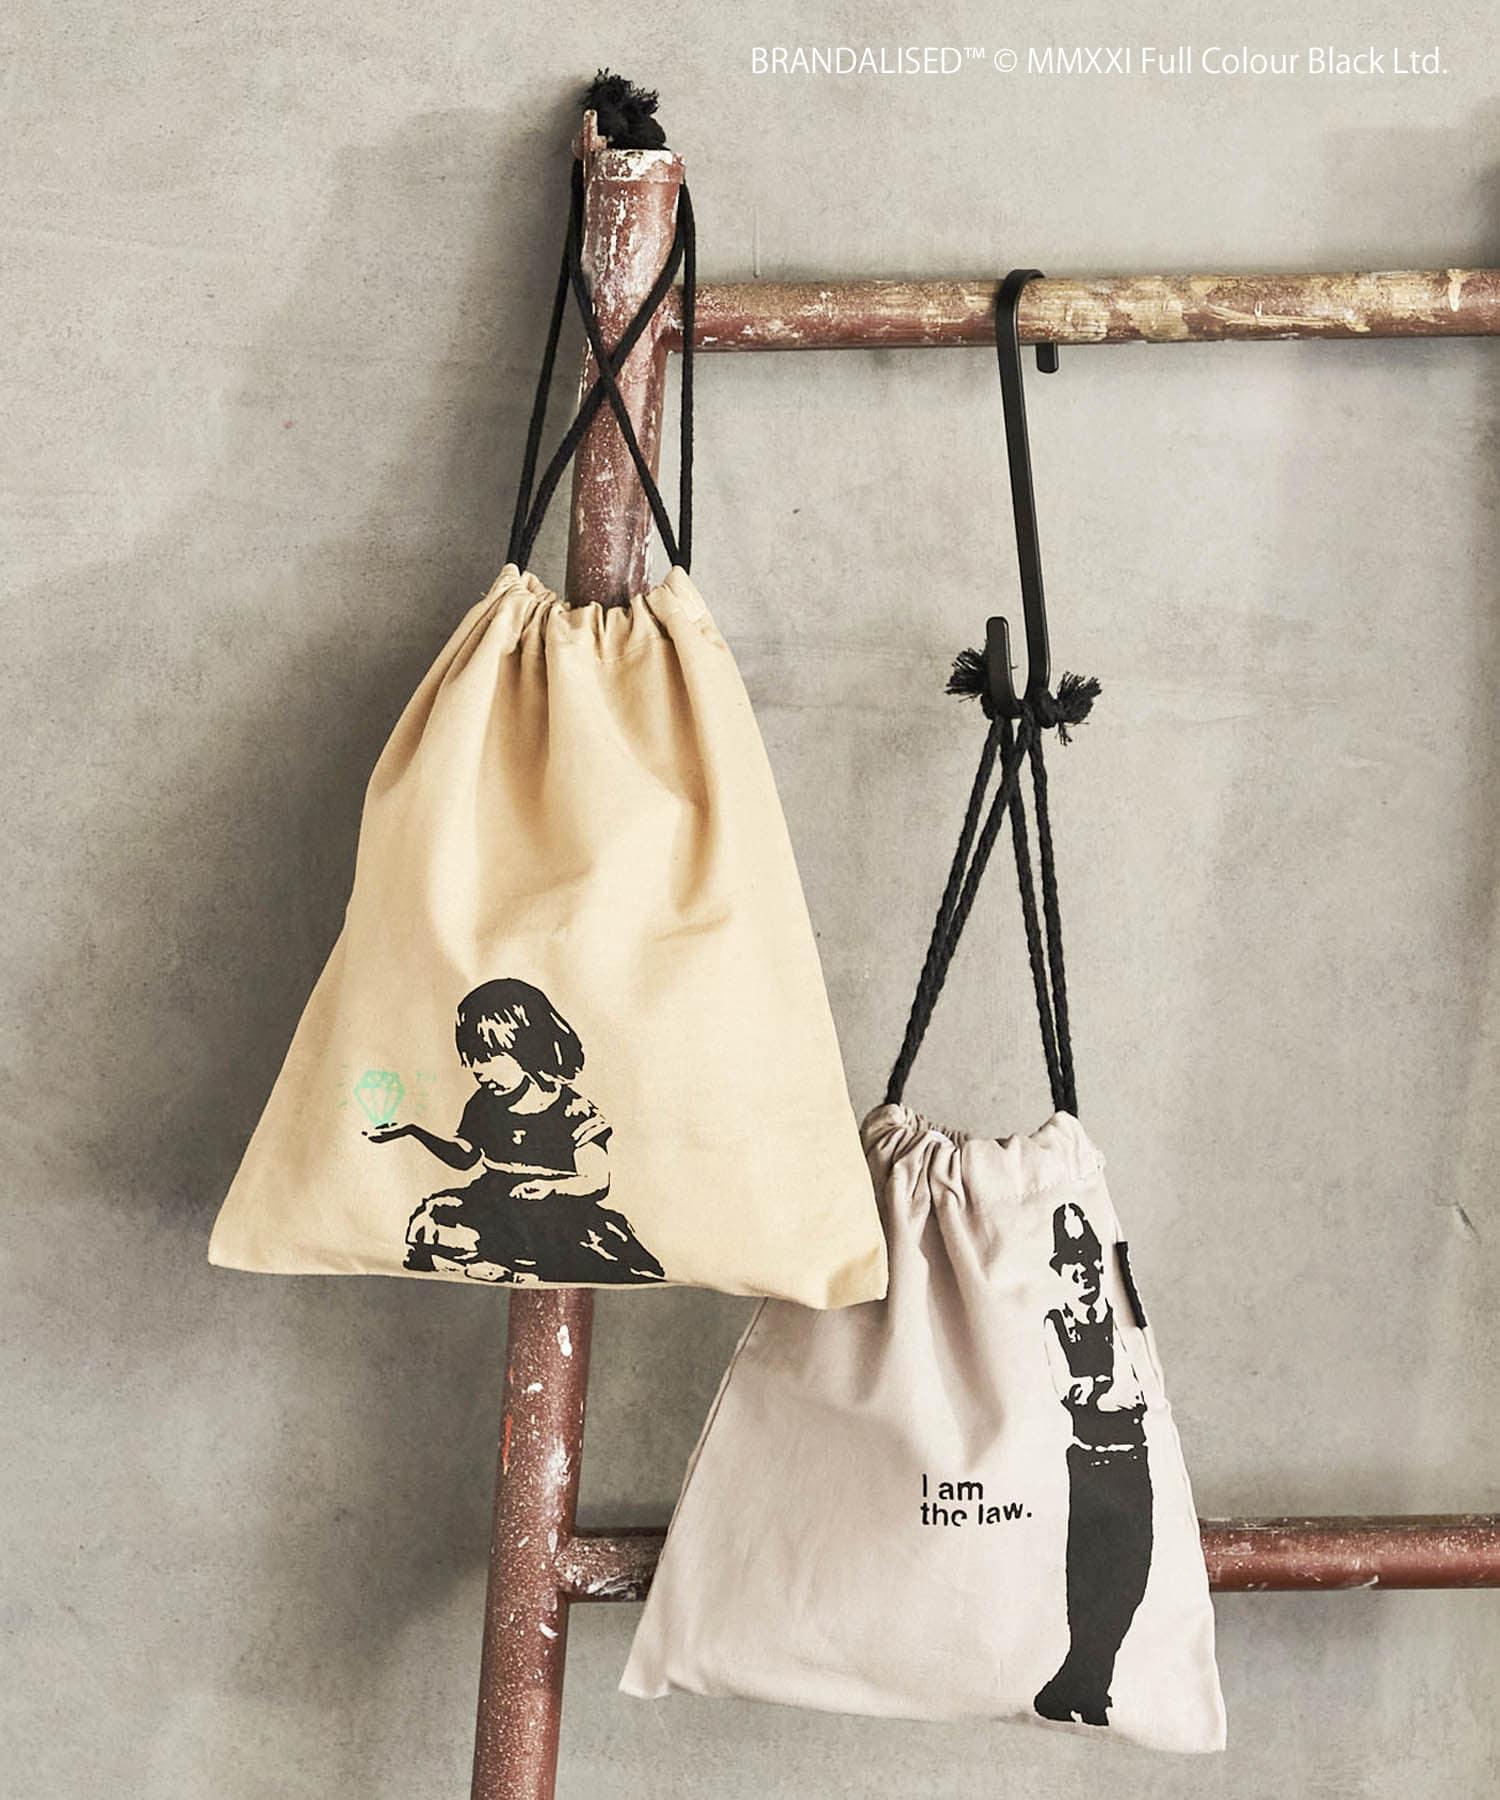 ASOKO(アソコ) レディース Banksy's Graffiti 巾着2枚セット その他